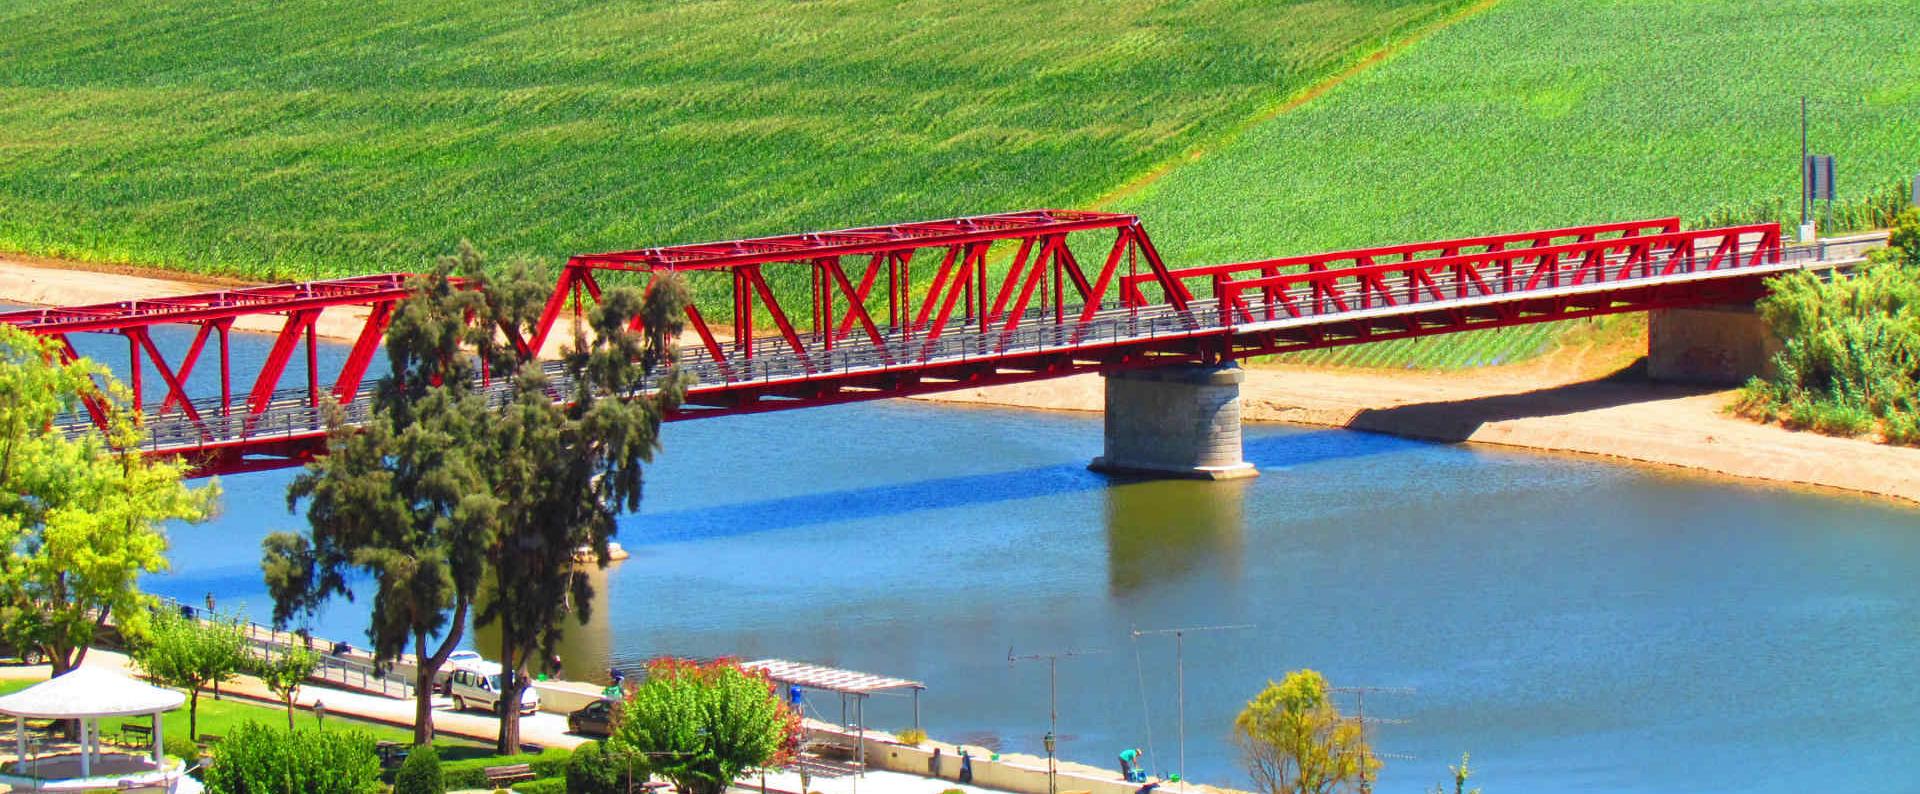 coruche_ponte